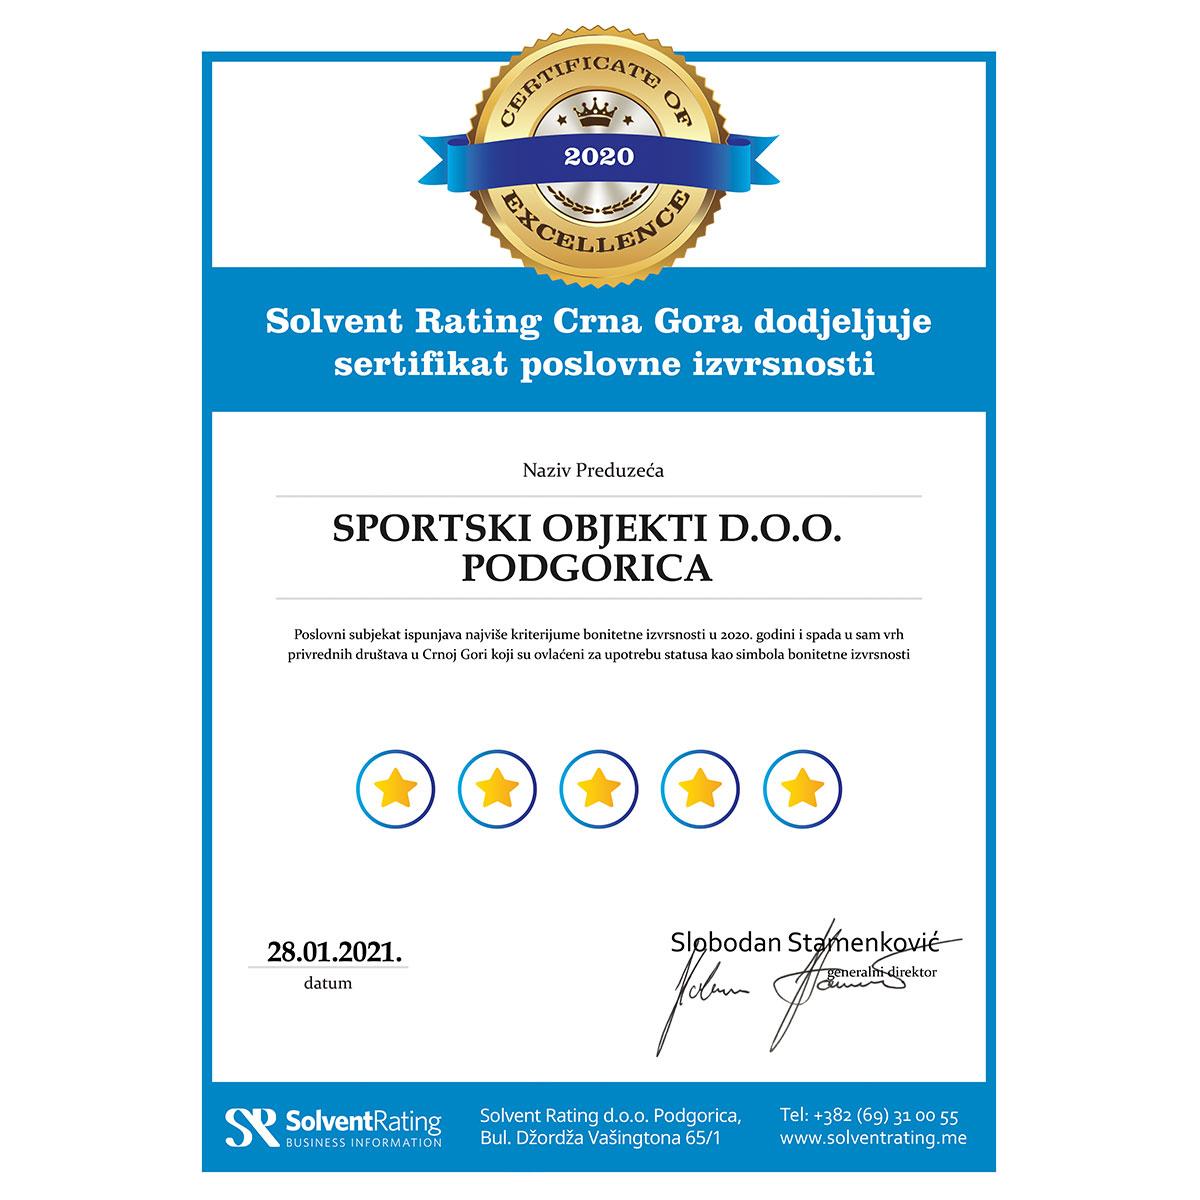 Sportski objekti Podgorice dobili sertifikat poslovne izvrsnosti